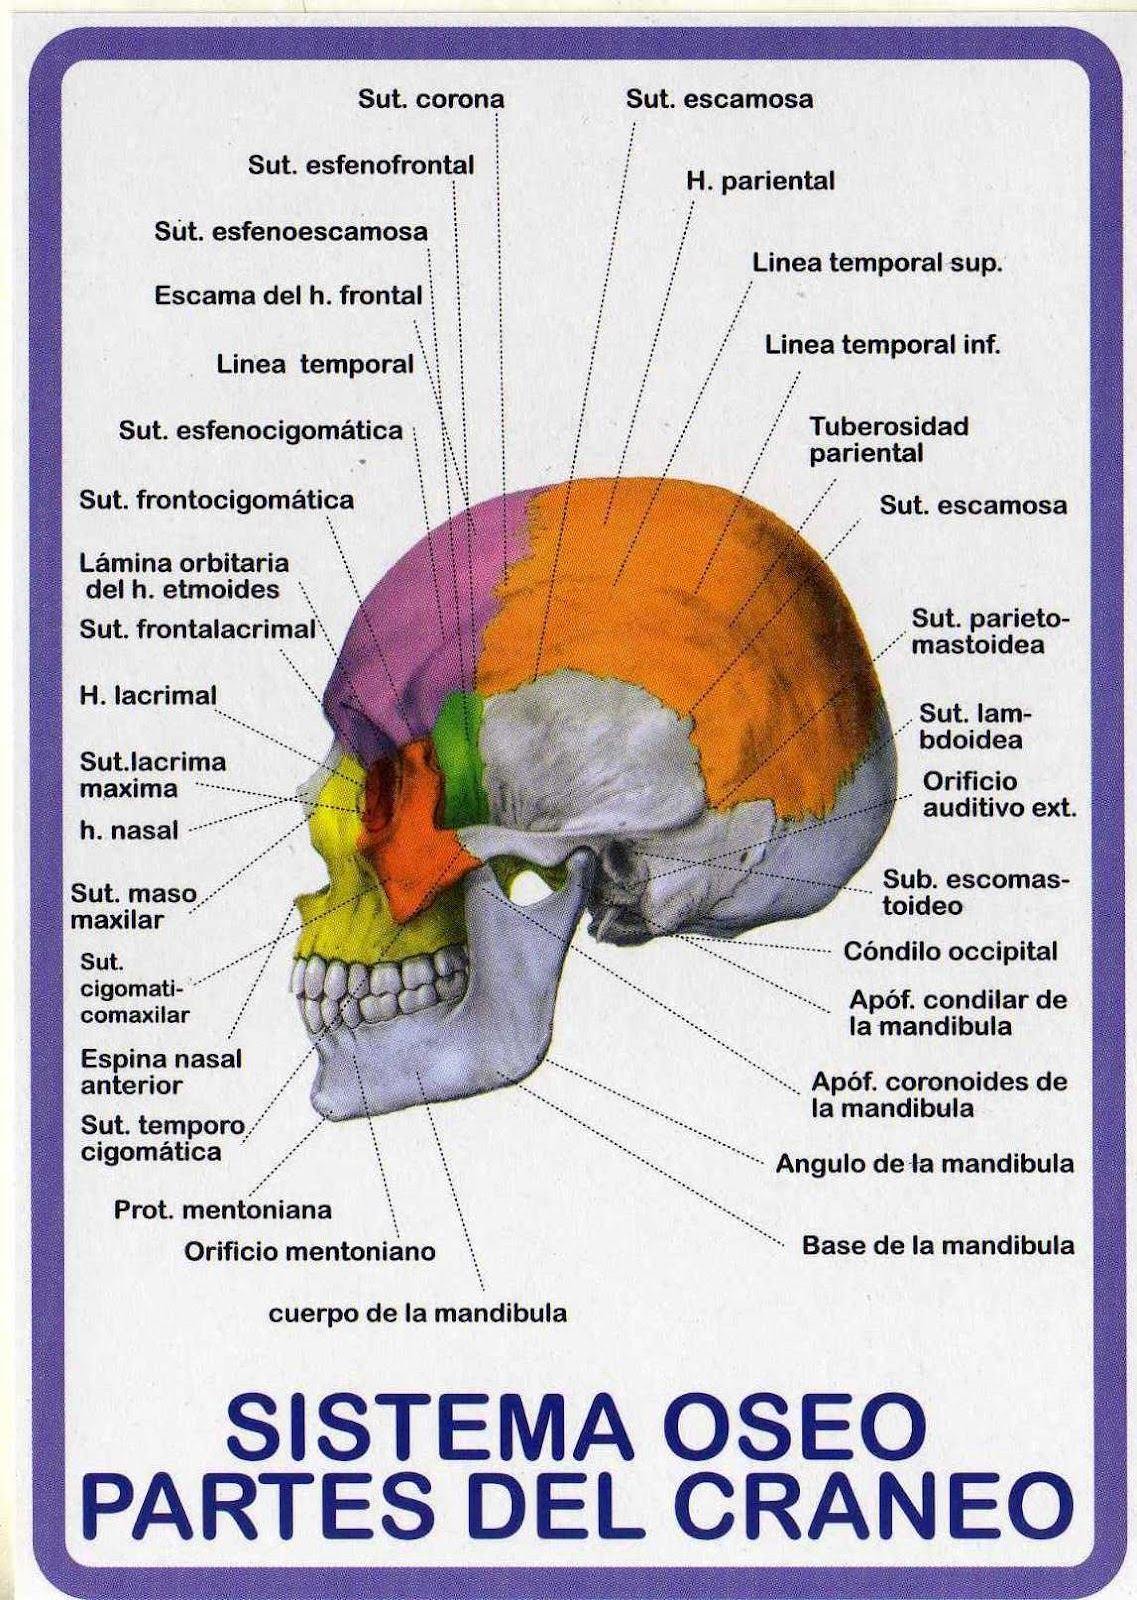 ATLAS DE ANATOMÍA HUMANA: SISTEMA OSEO - PARTES DEL CRÁNEO